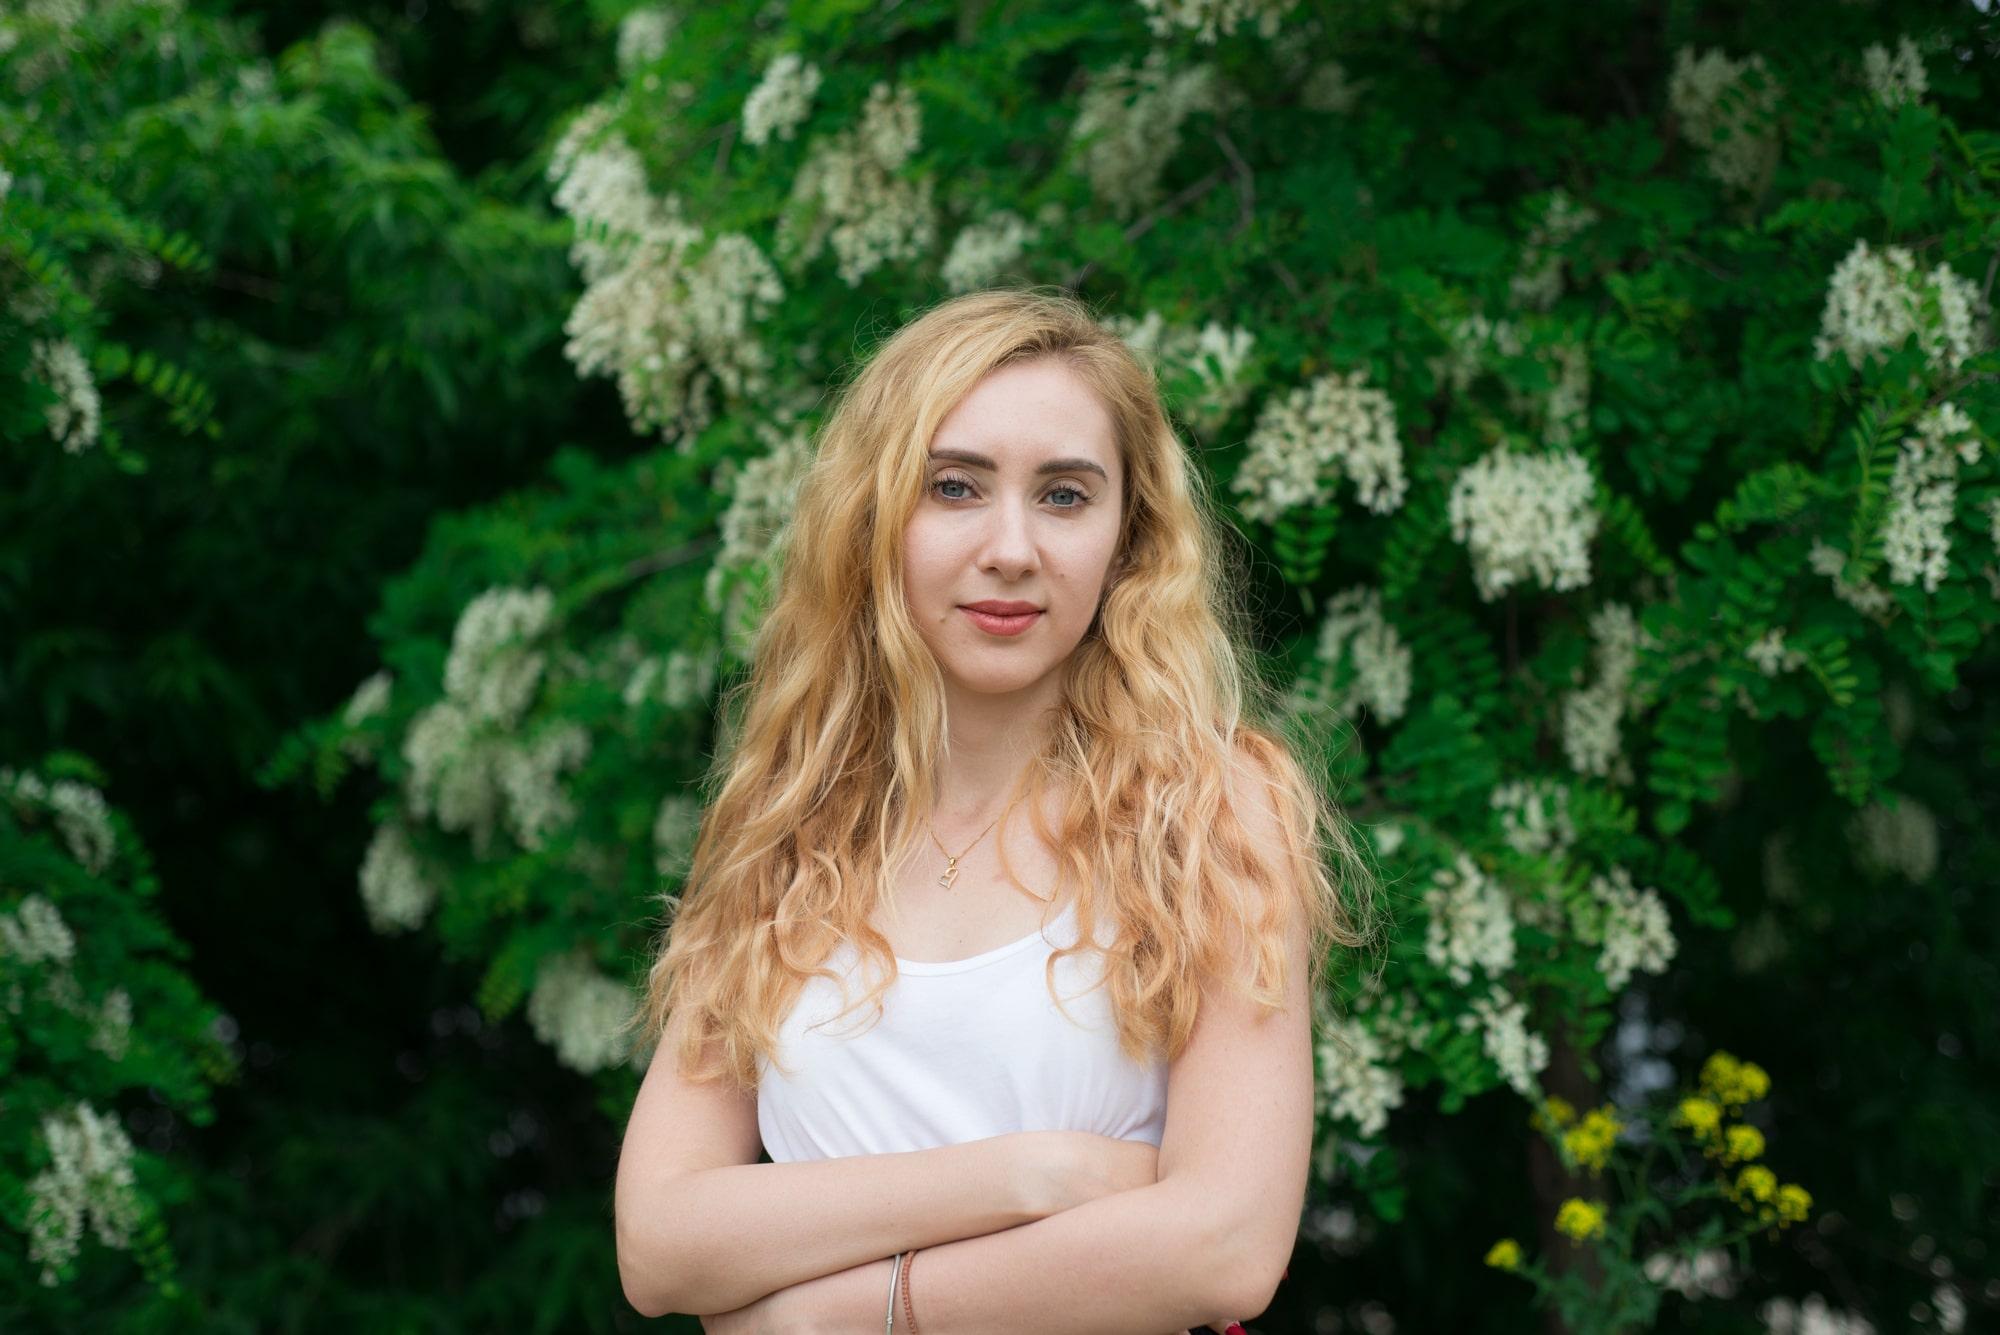 Девушка в цветущей акации - Фотограф Женя Лайт